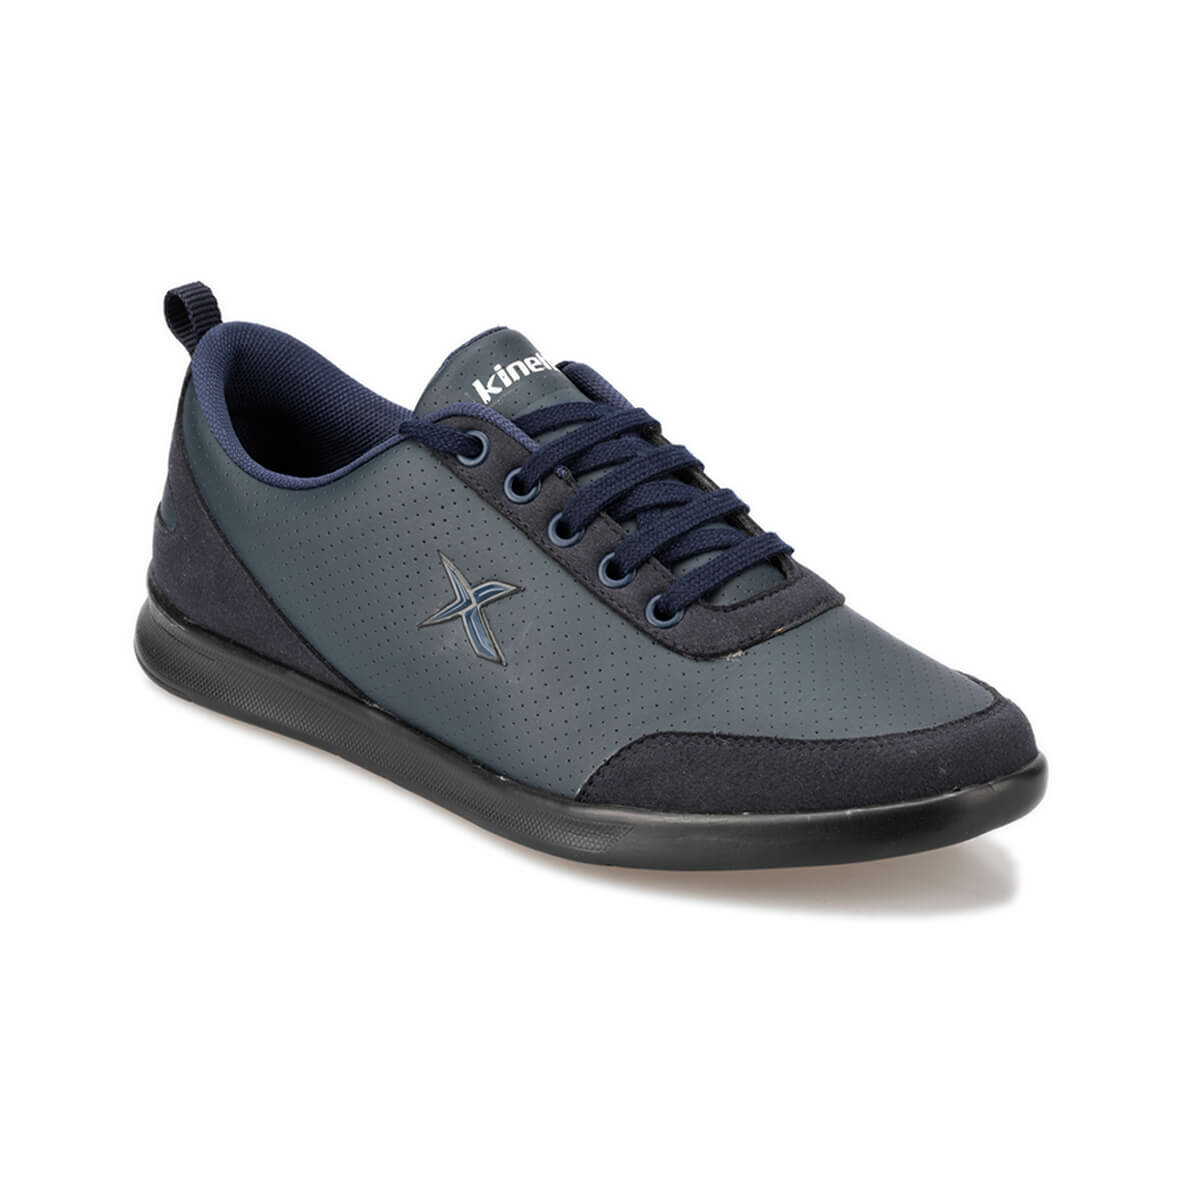 FLO LIDA 9PR azul marino Hombre Zapatos KINETIX